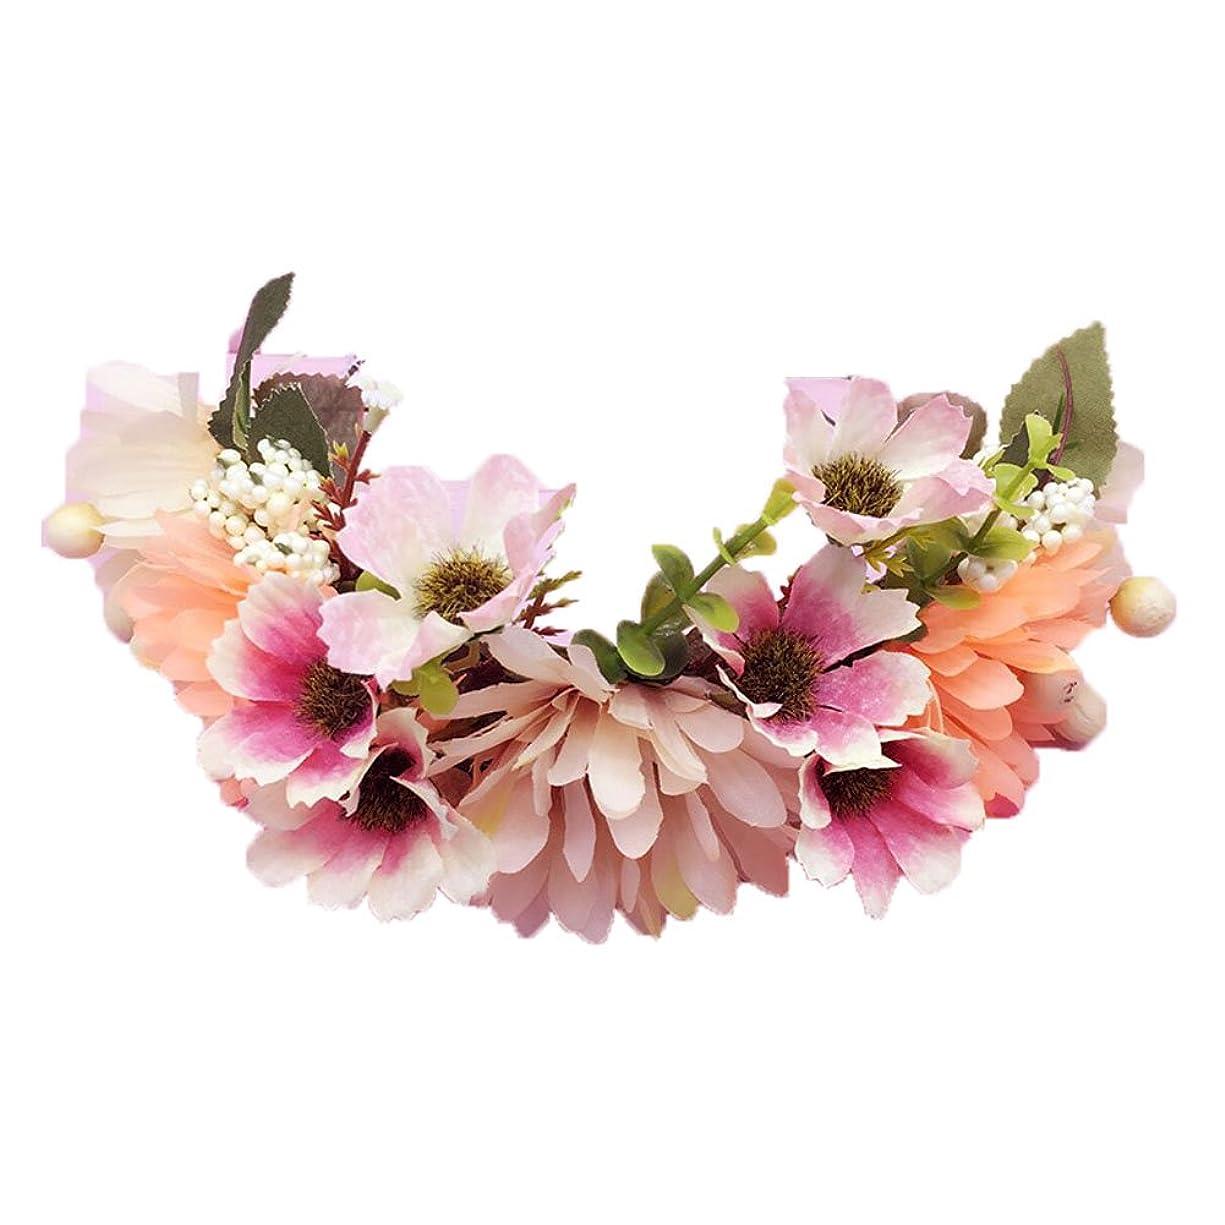 手がかり無力ずらすフラワークラウン調節可能な女性ハンドメイド花のヘッドバンドクラウンガールズ